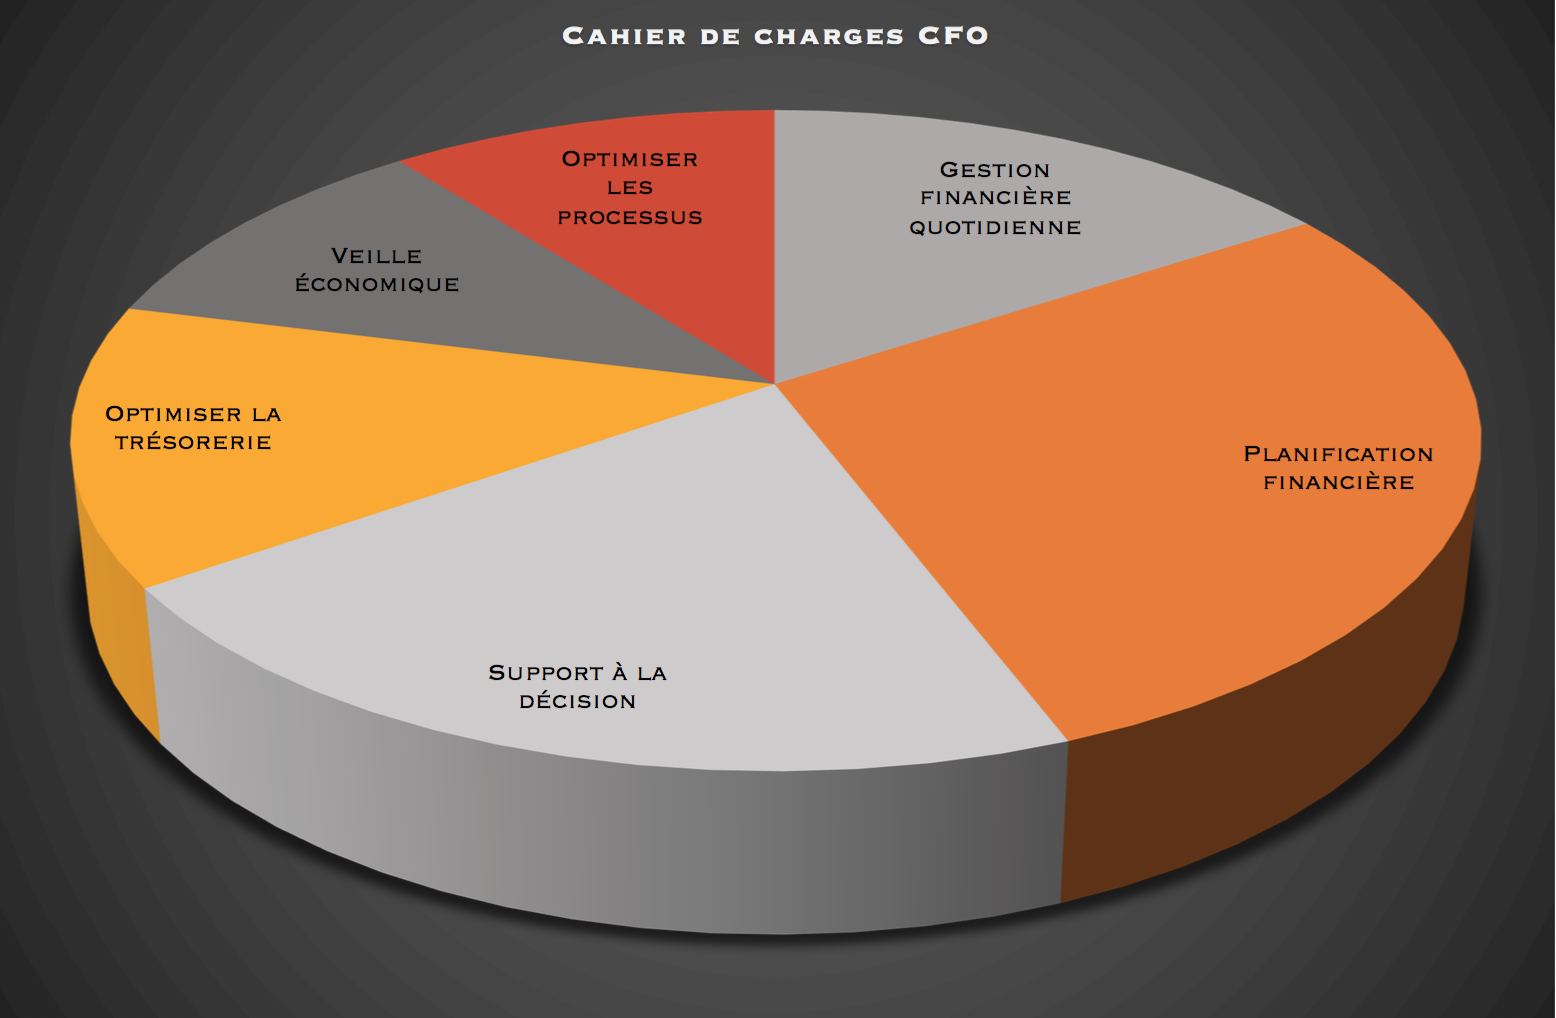 Cahier des charges d'un Directeur Financier CFO